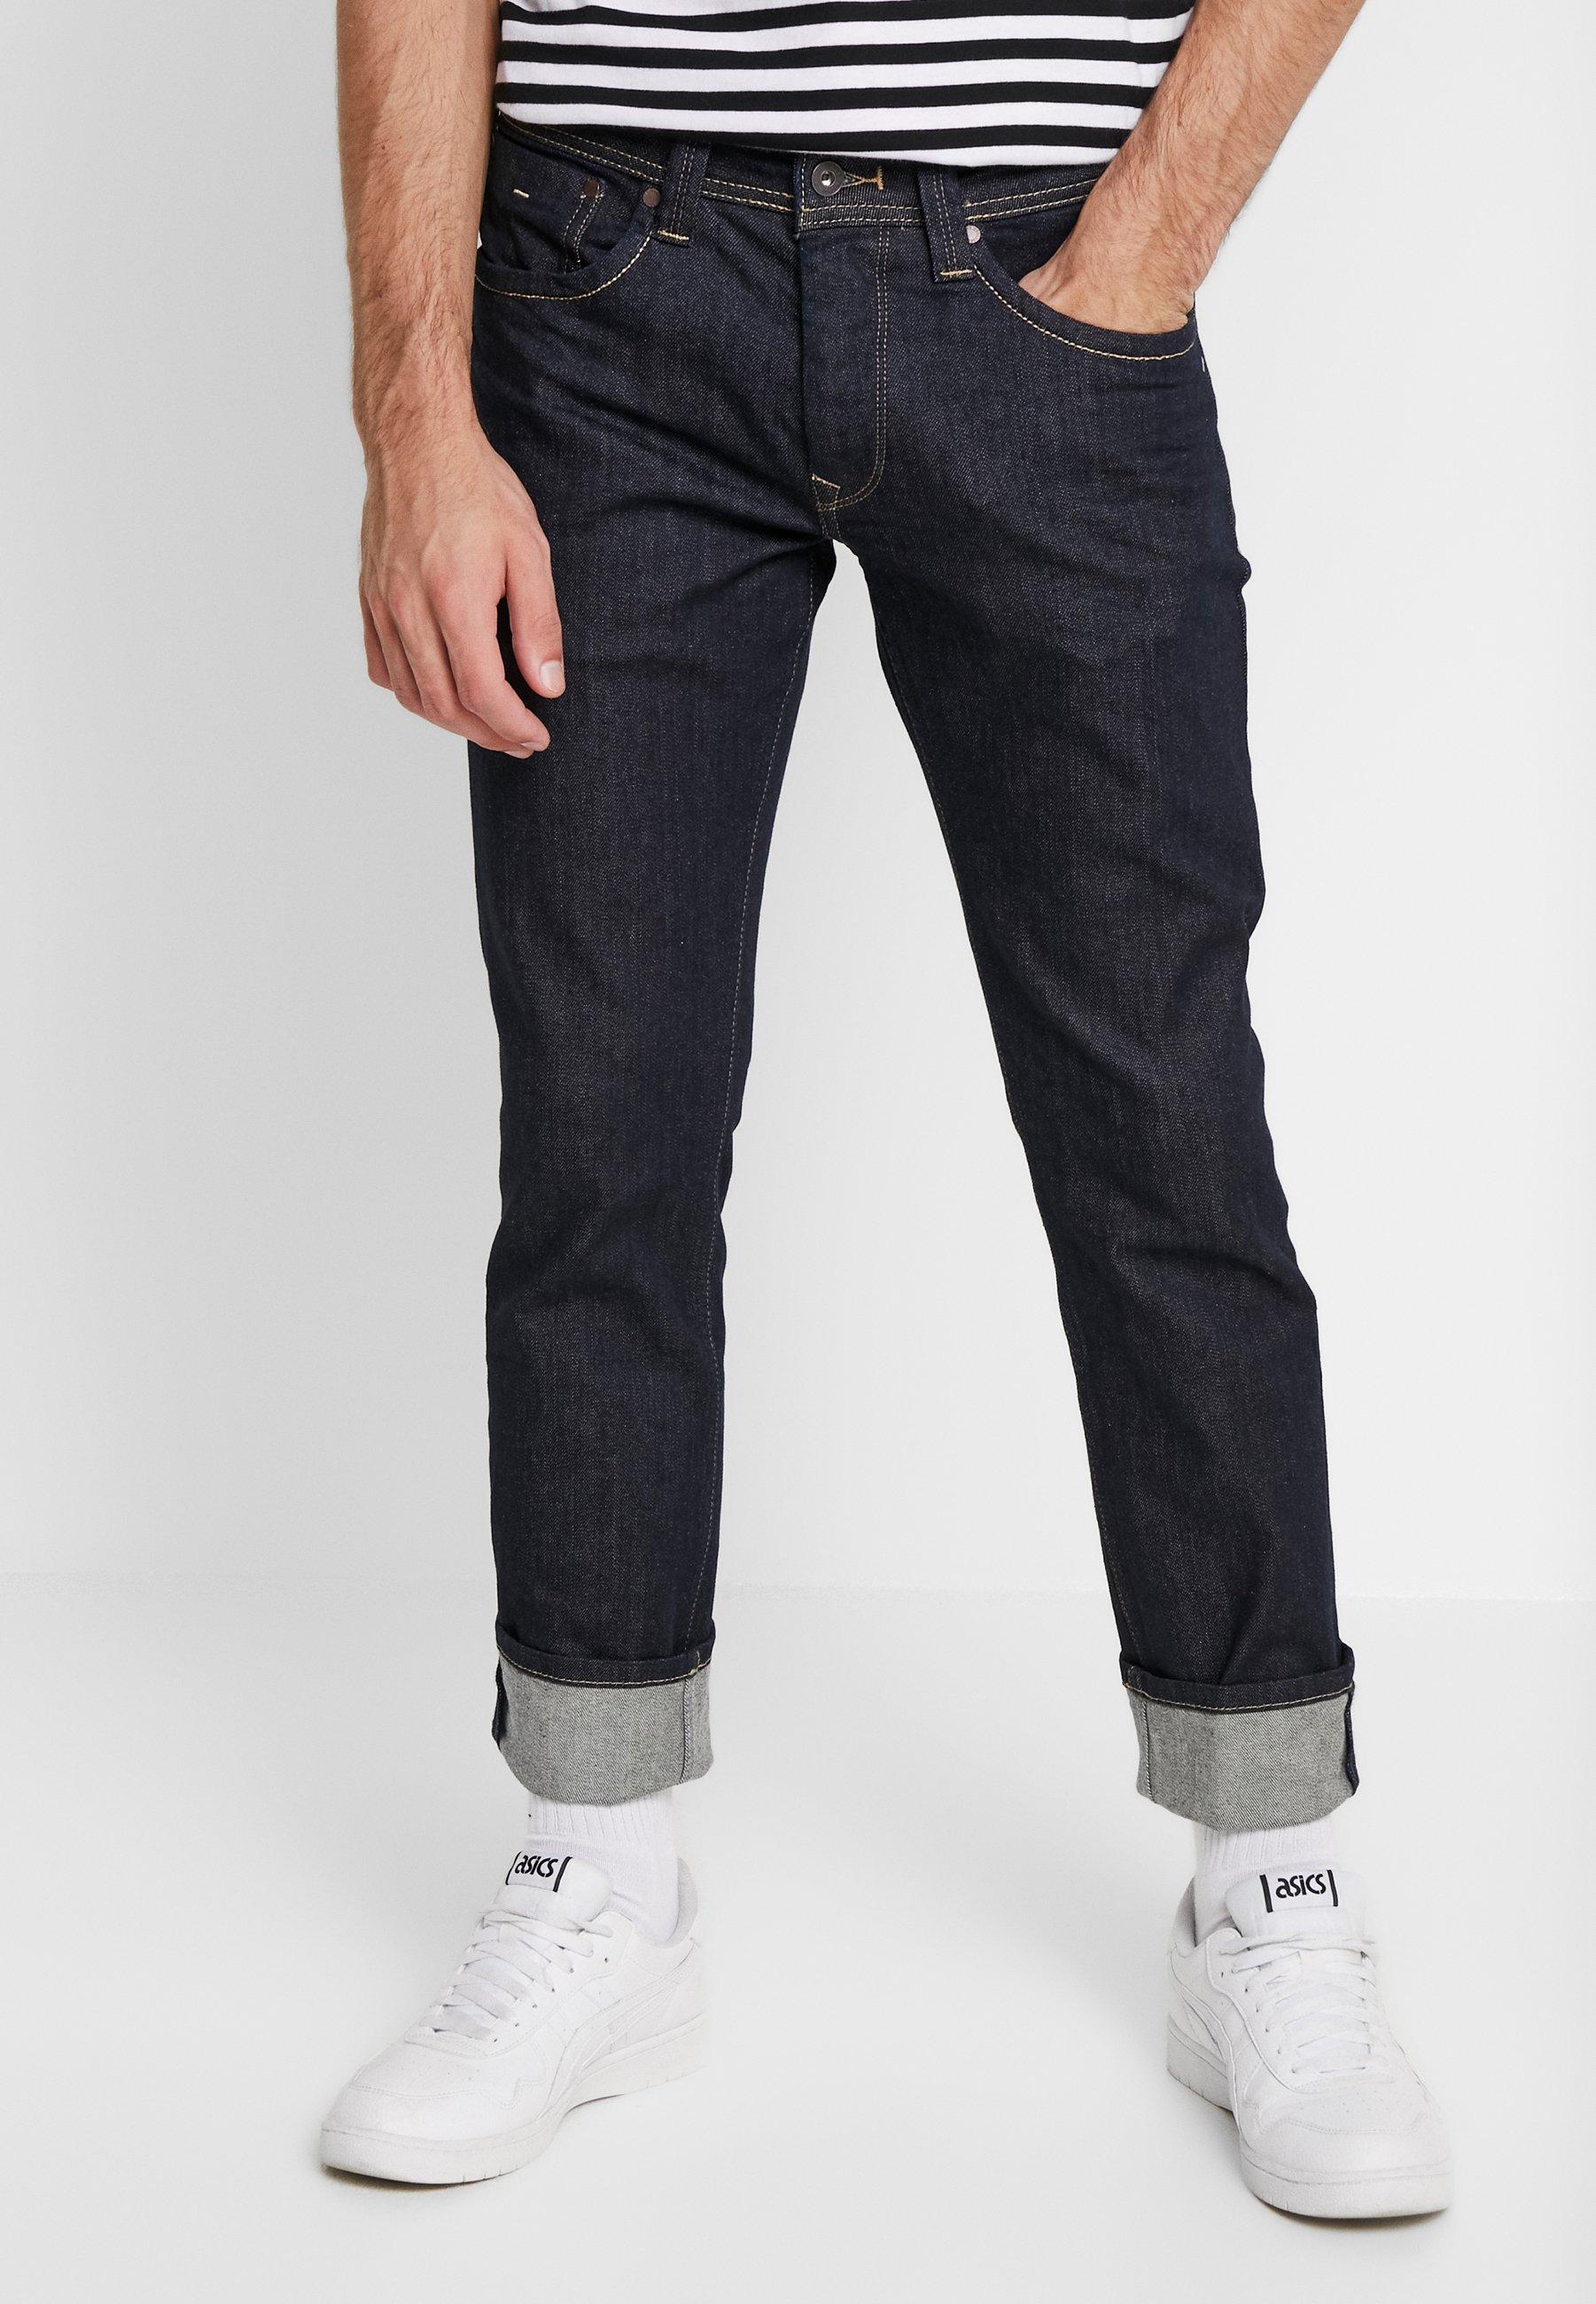 Täydellinen Miesten vaatteet Sarja dfKJIUp97454sfGHYHD Pepe Jeans CASH Straight leg -farkut clean twill